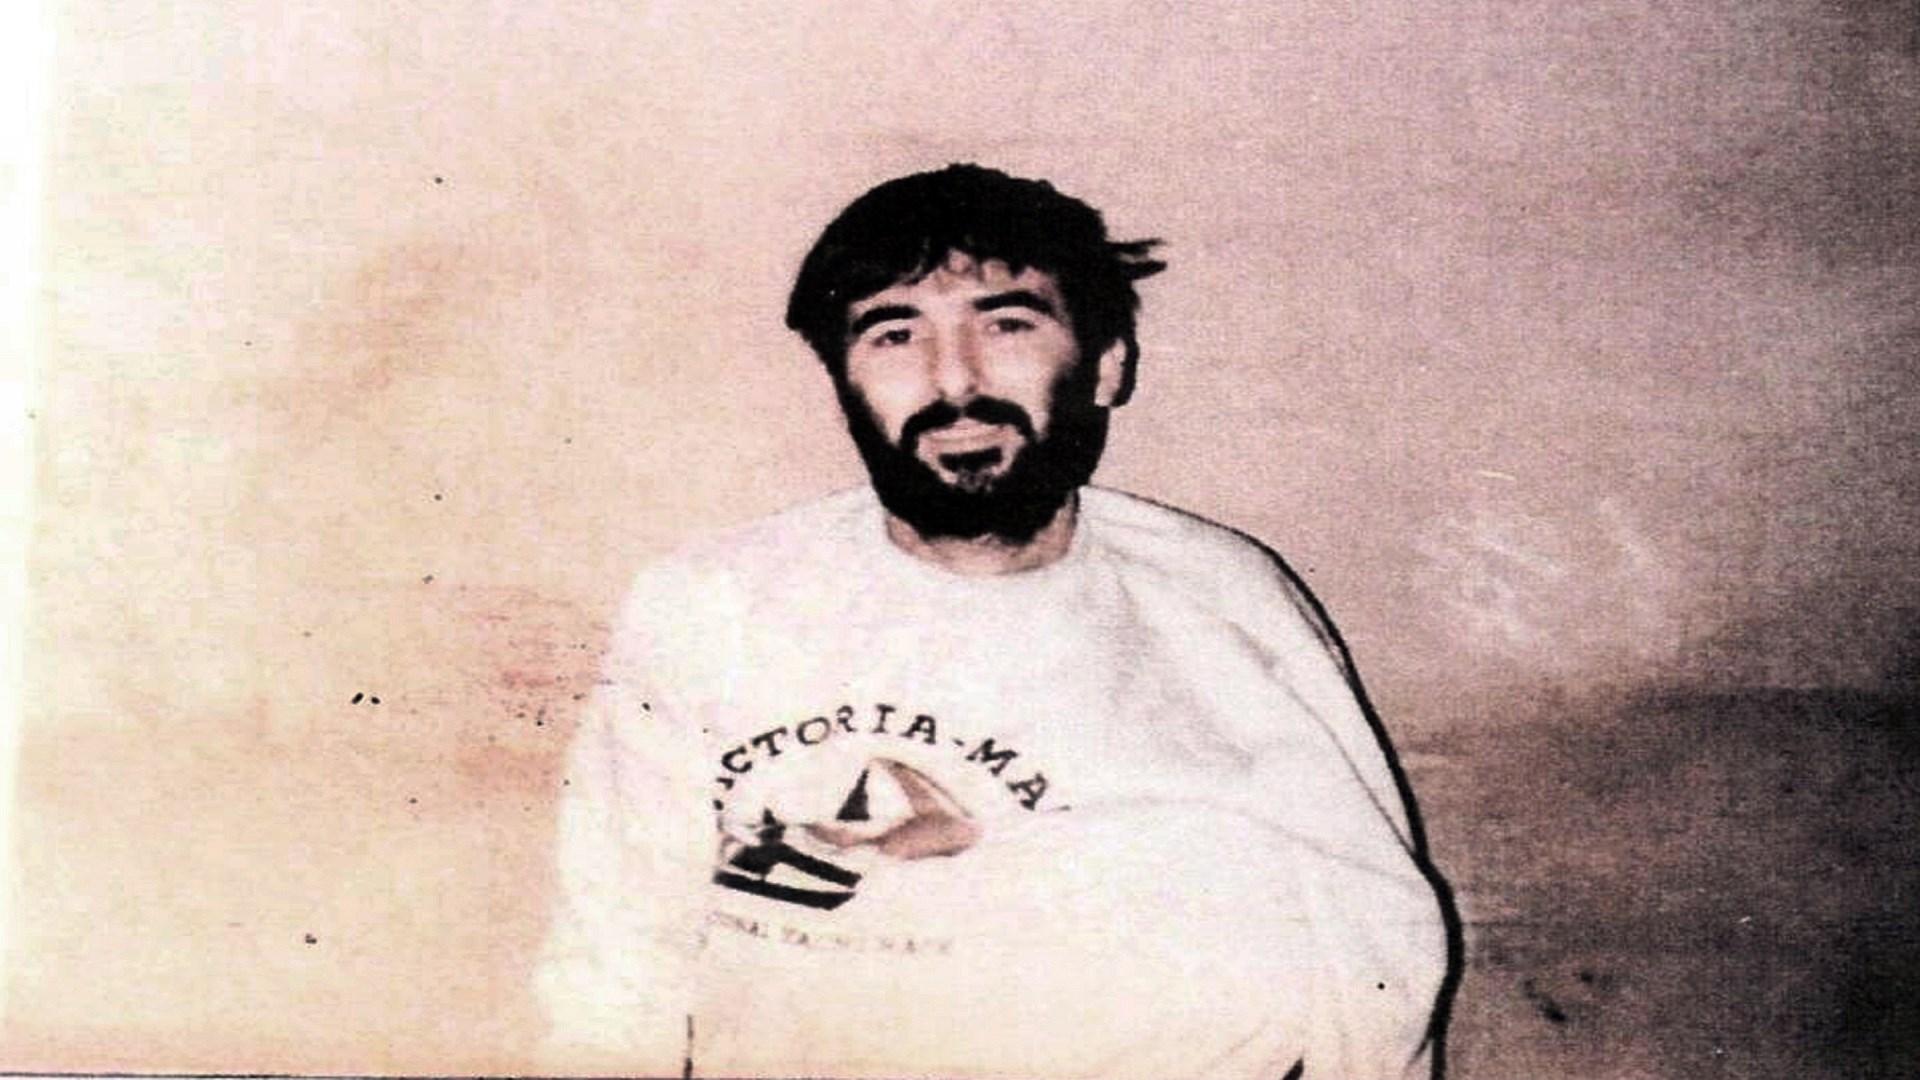 الطيار الإسرائيلي رون أراد الذي فقد في معركة ميدون في أيار/مايو 1988